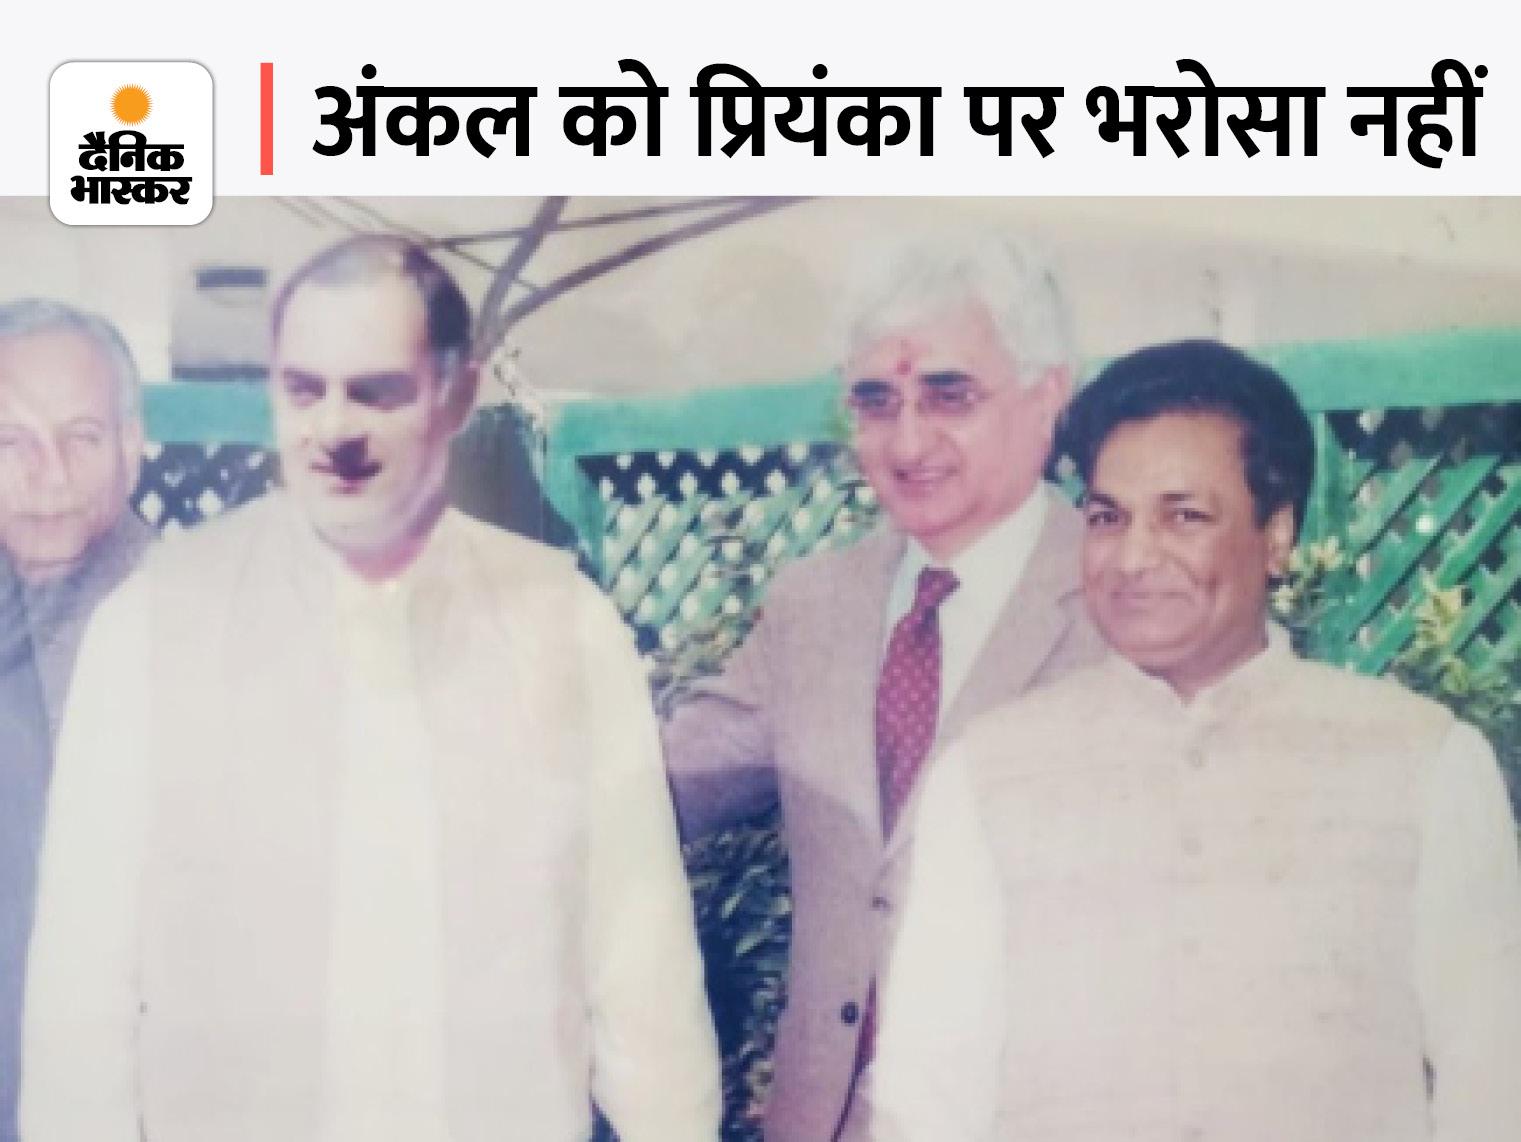 पूर्व मंत्री सत्यदेव त्रिपाठी ने कहा- प्रियंका ने UP में संगठन बर्बाद कर दिया, 2022 में अमेठी जैसा होगा UP का रिजल्ट लखनऊ,Lucknow - Dainik Bhaskar